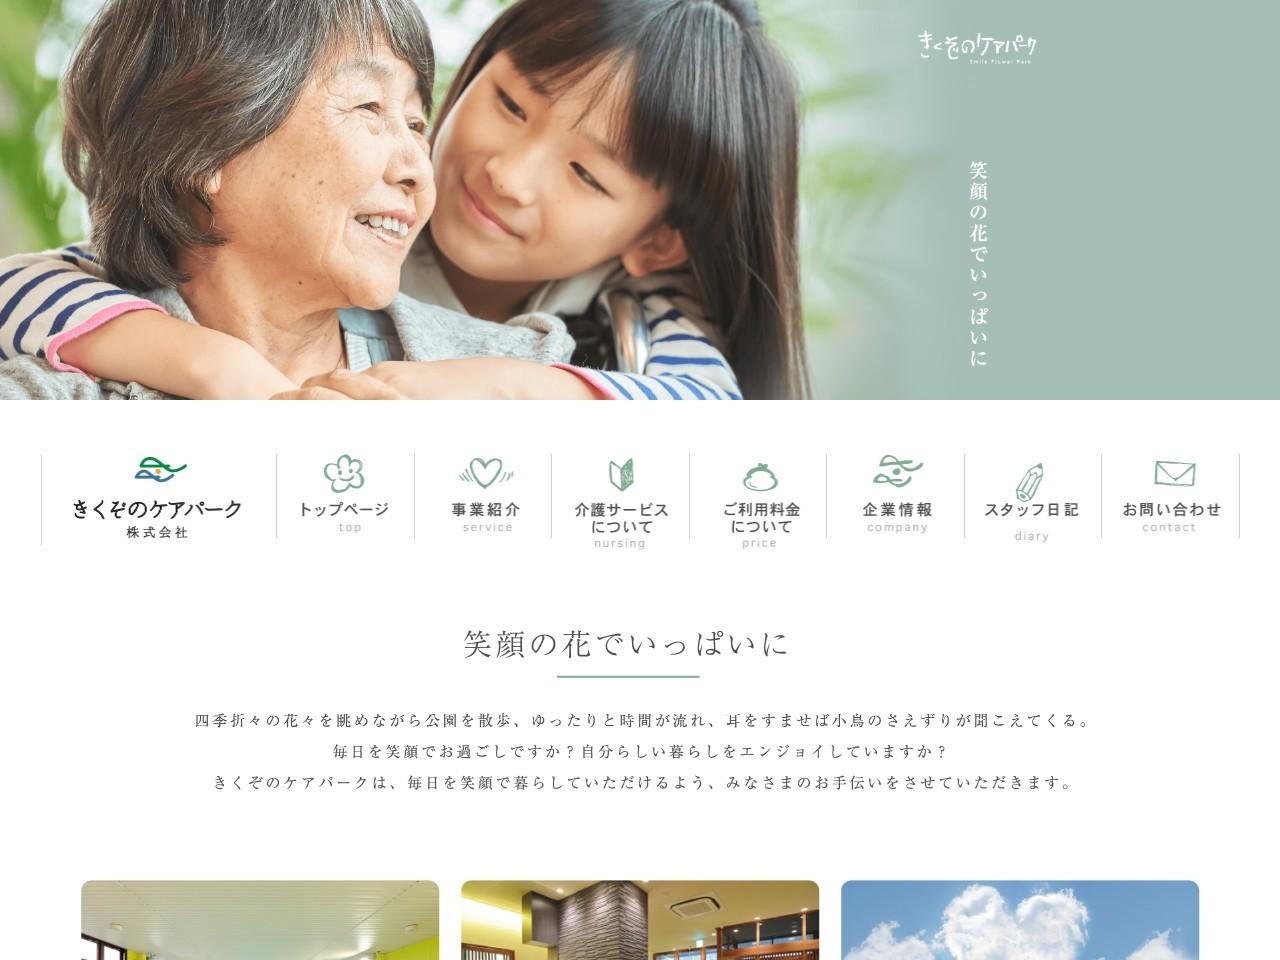 きくぞのケアパーク株式会社|トップページ